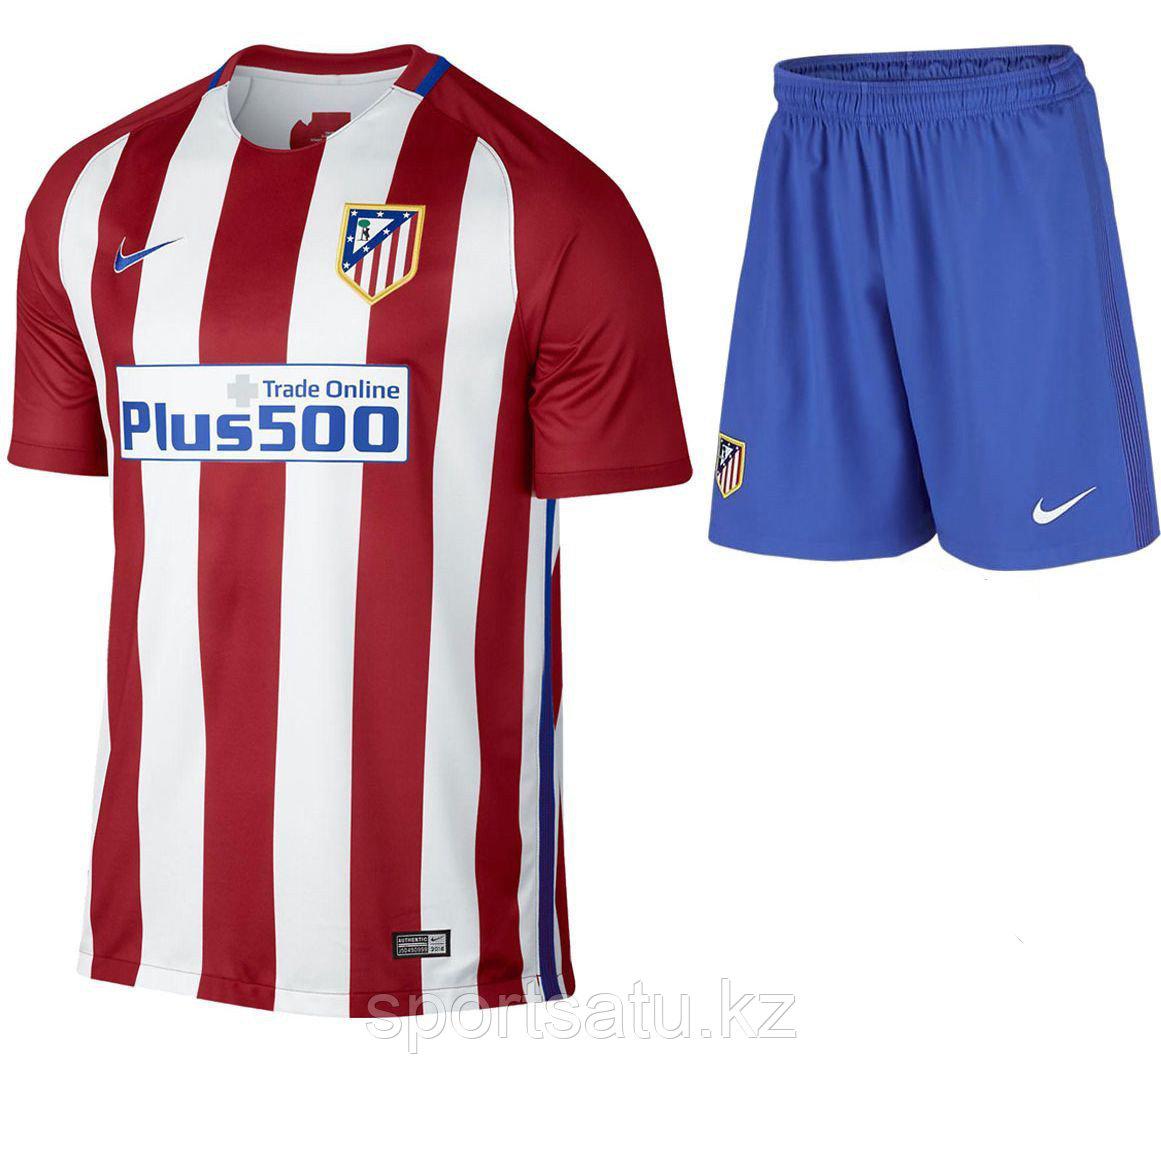 Футбольная форма Атлетико Мадрид 2016-17 домашняя